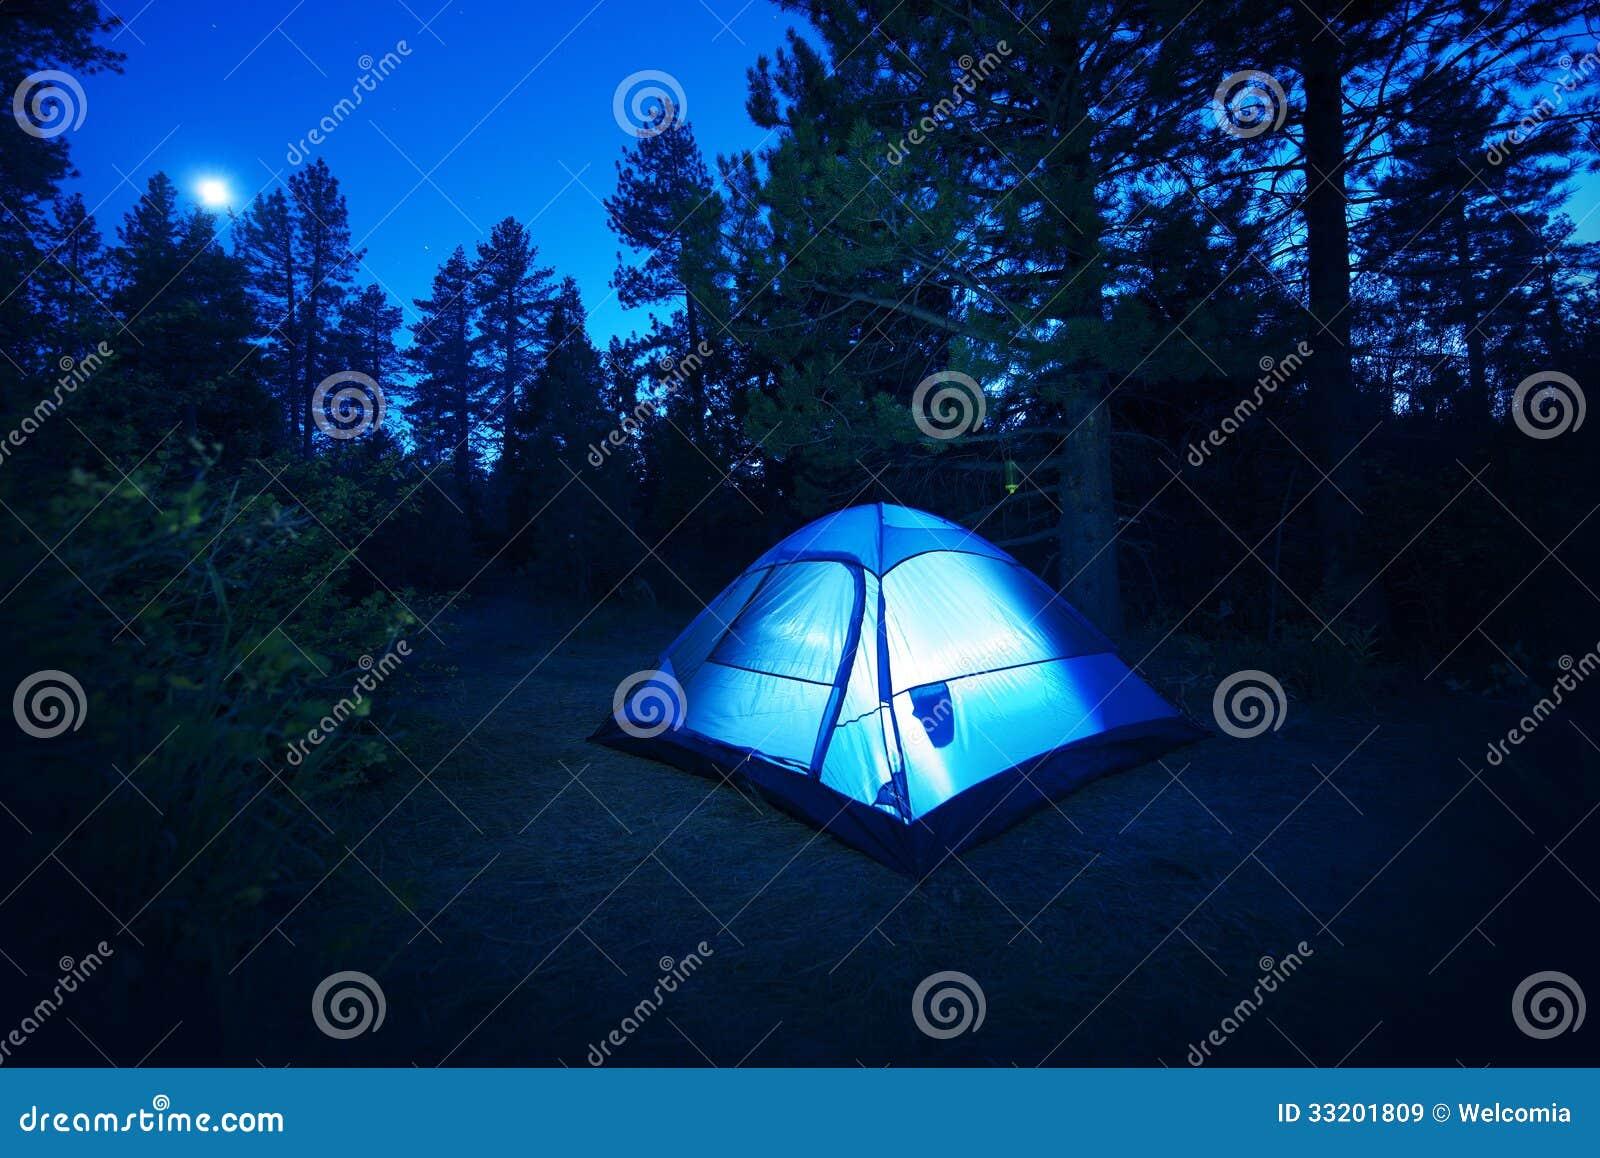 Forest Camping - Zelt